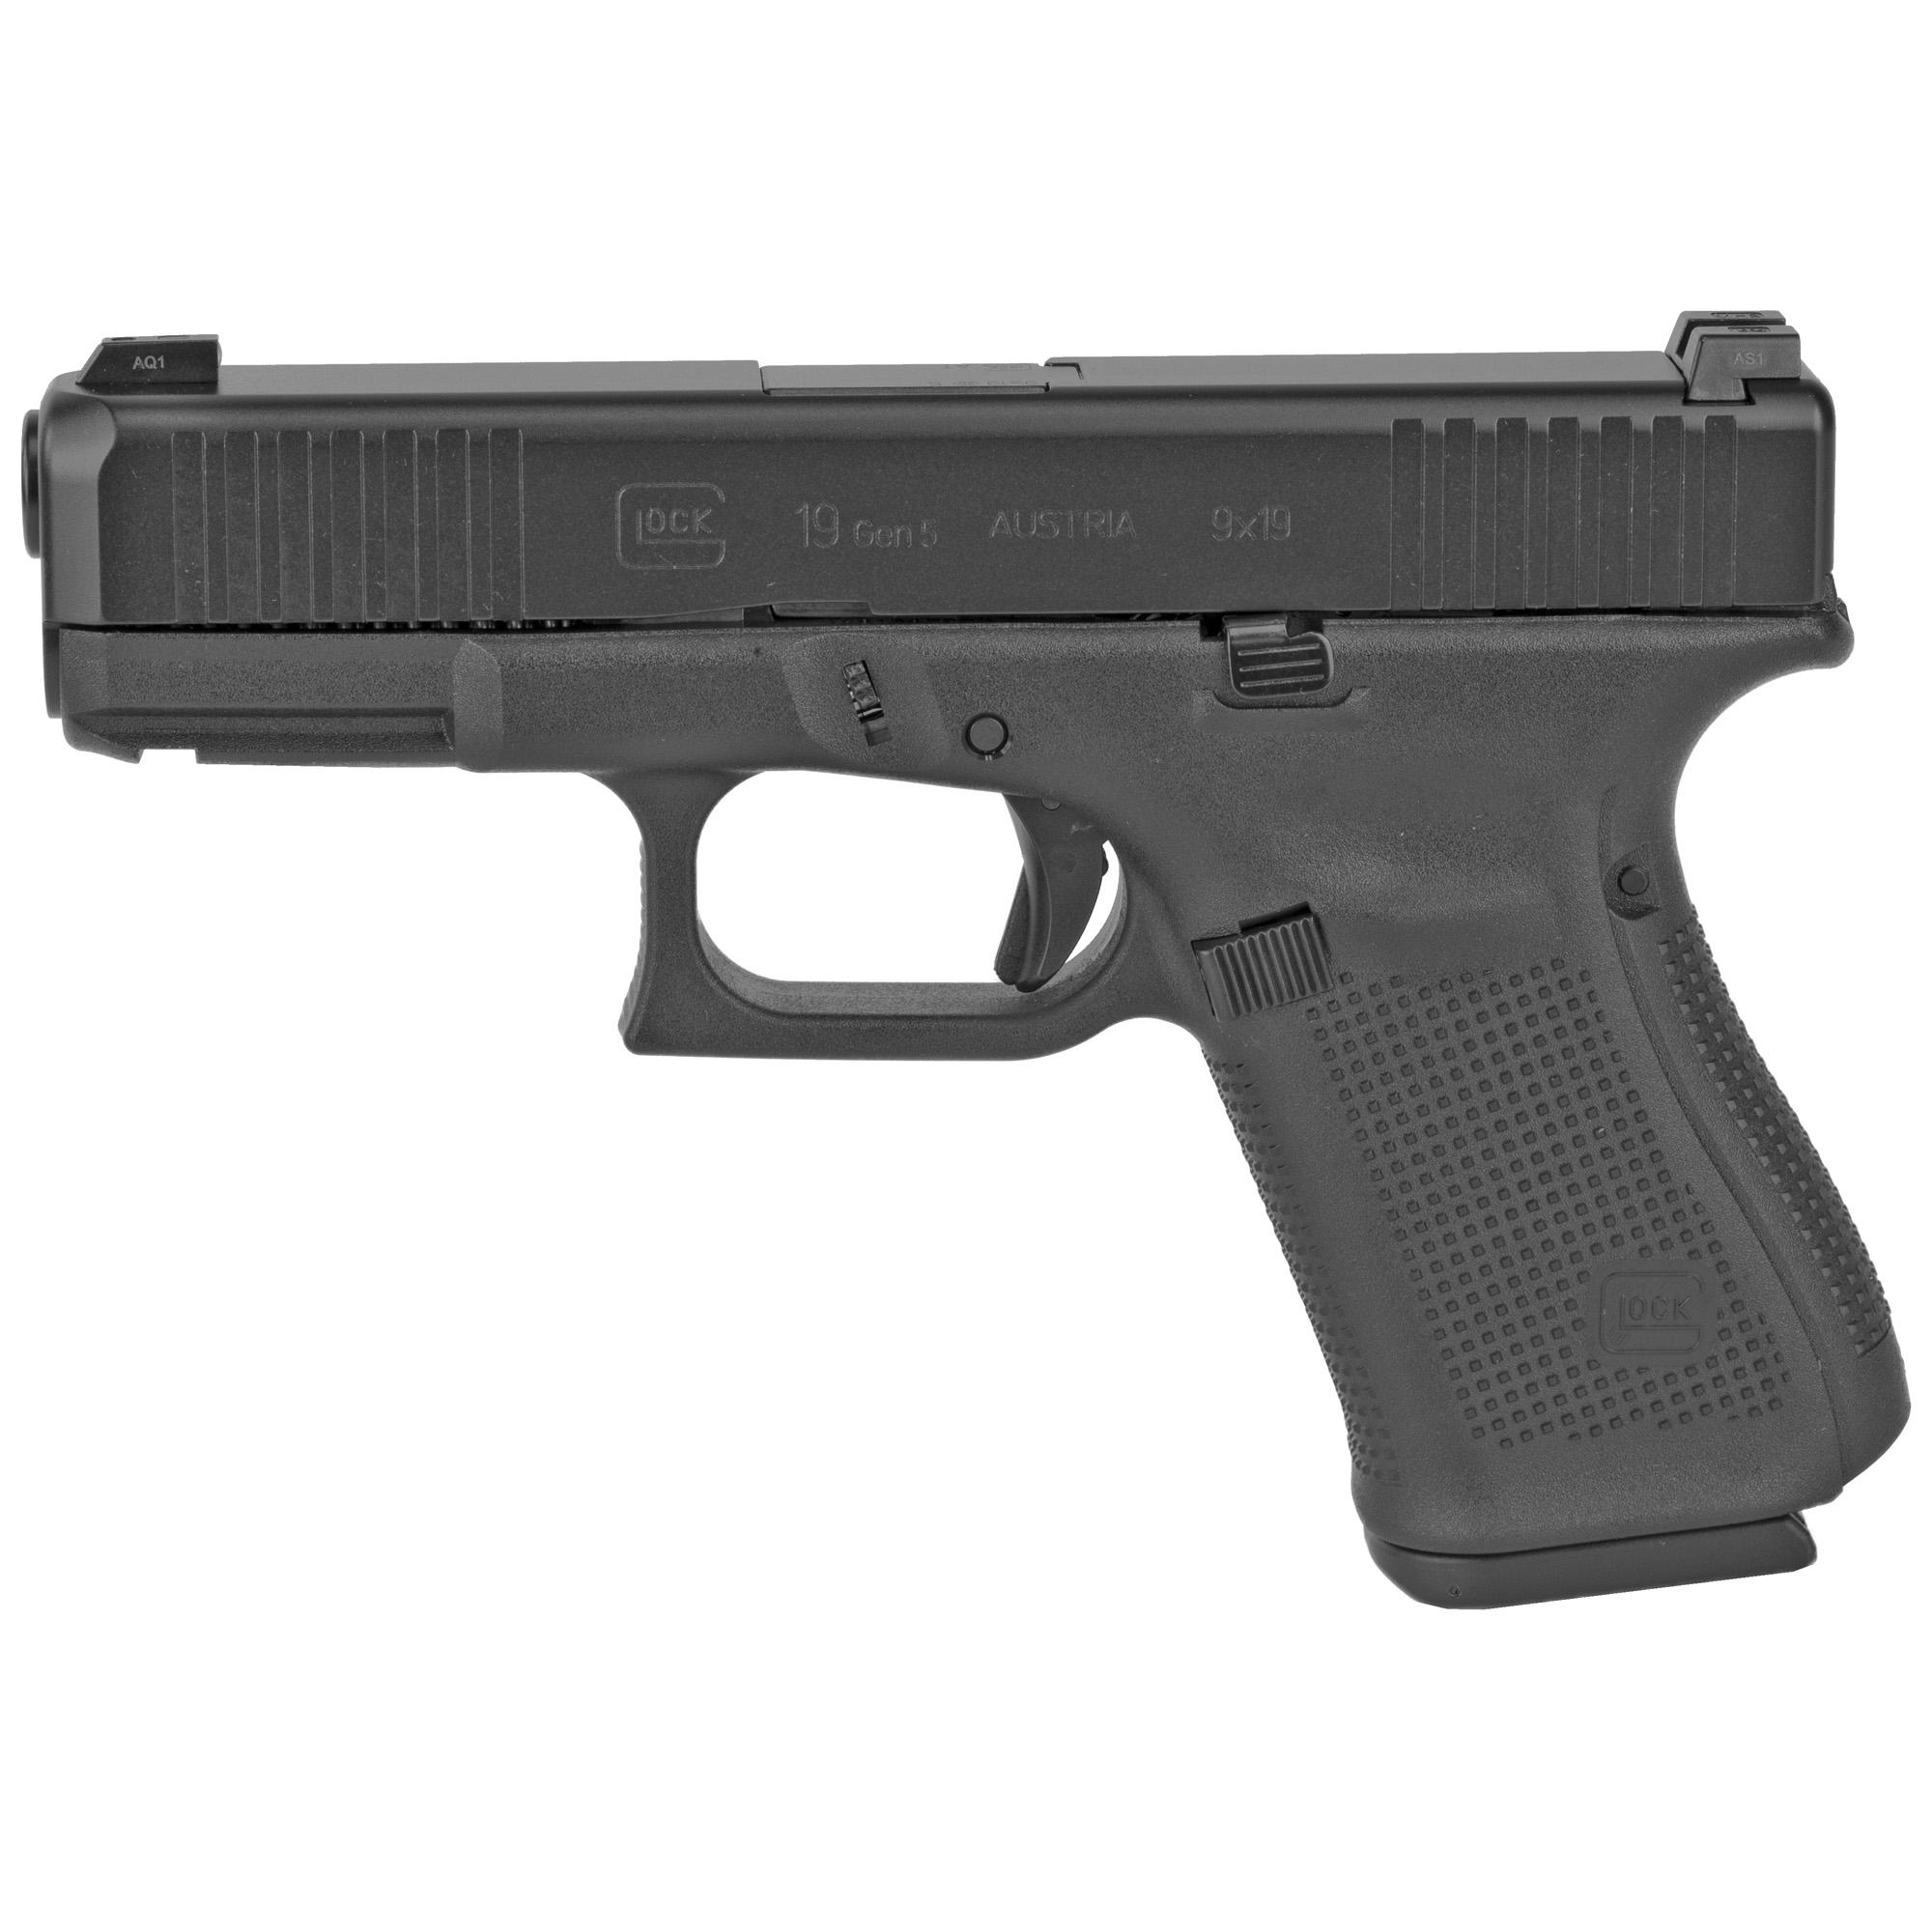 Glock 19 Gen5 9mm Gns 10rd 3 Mags Fs